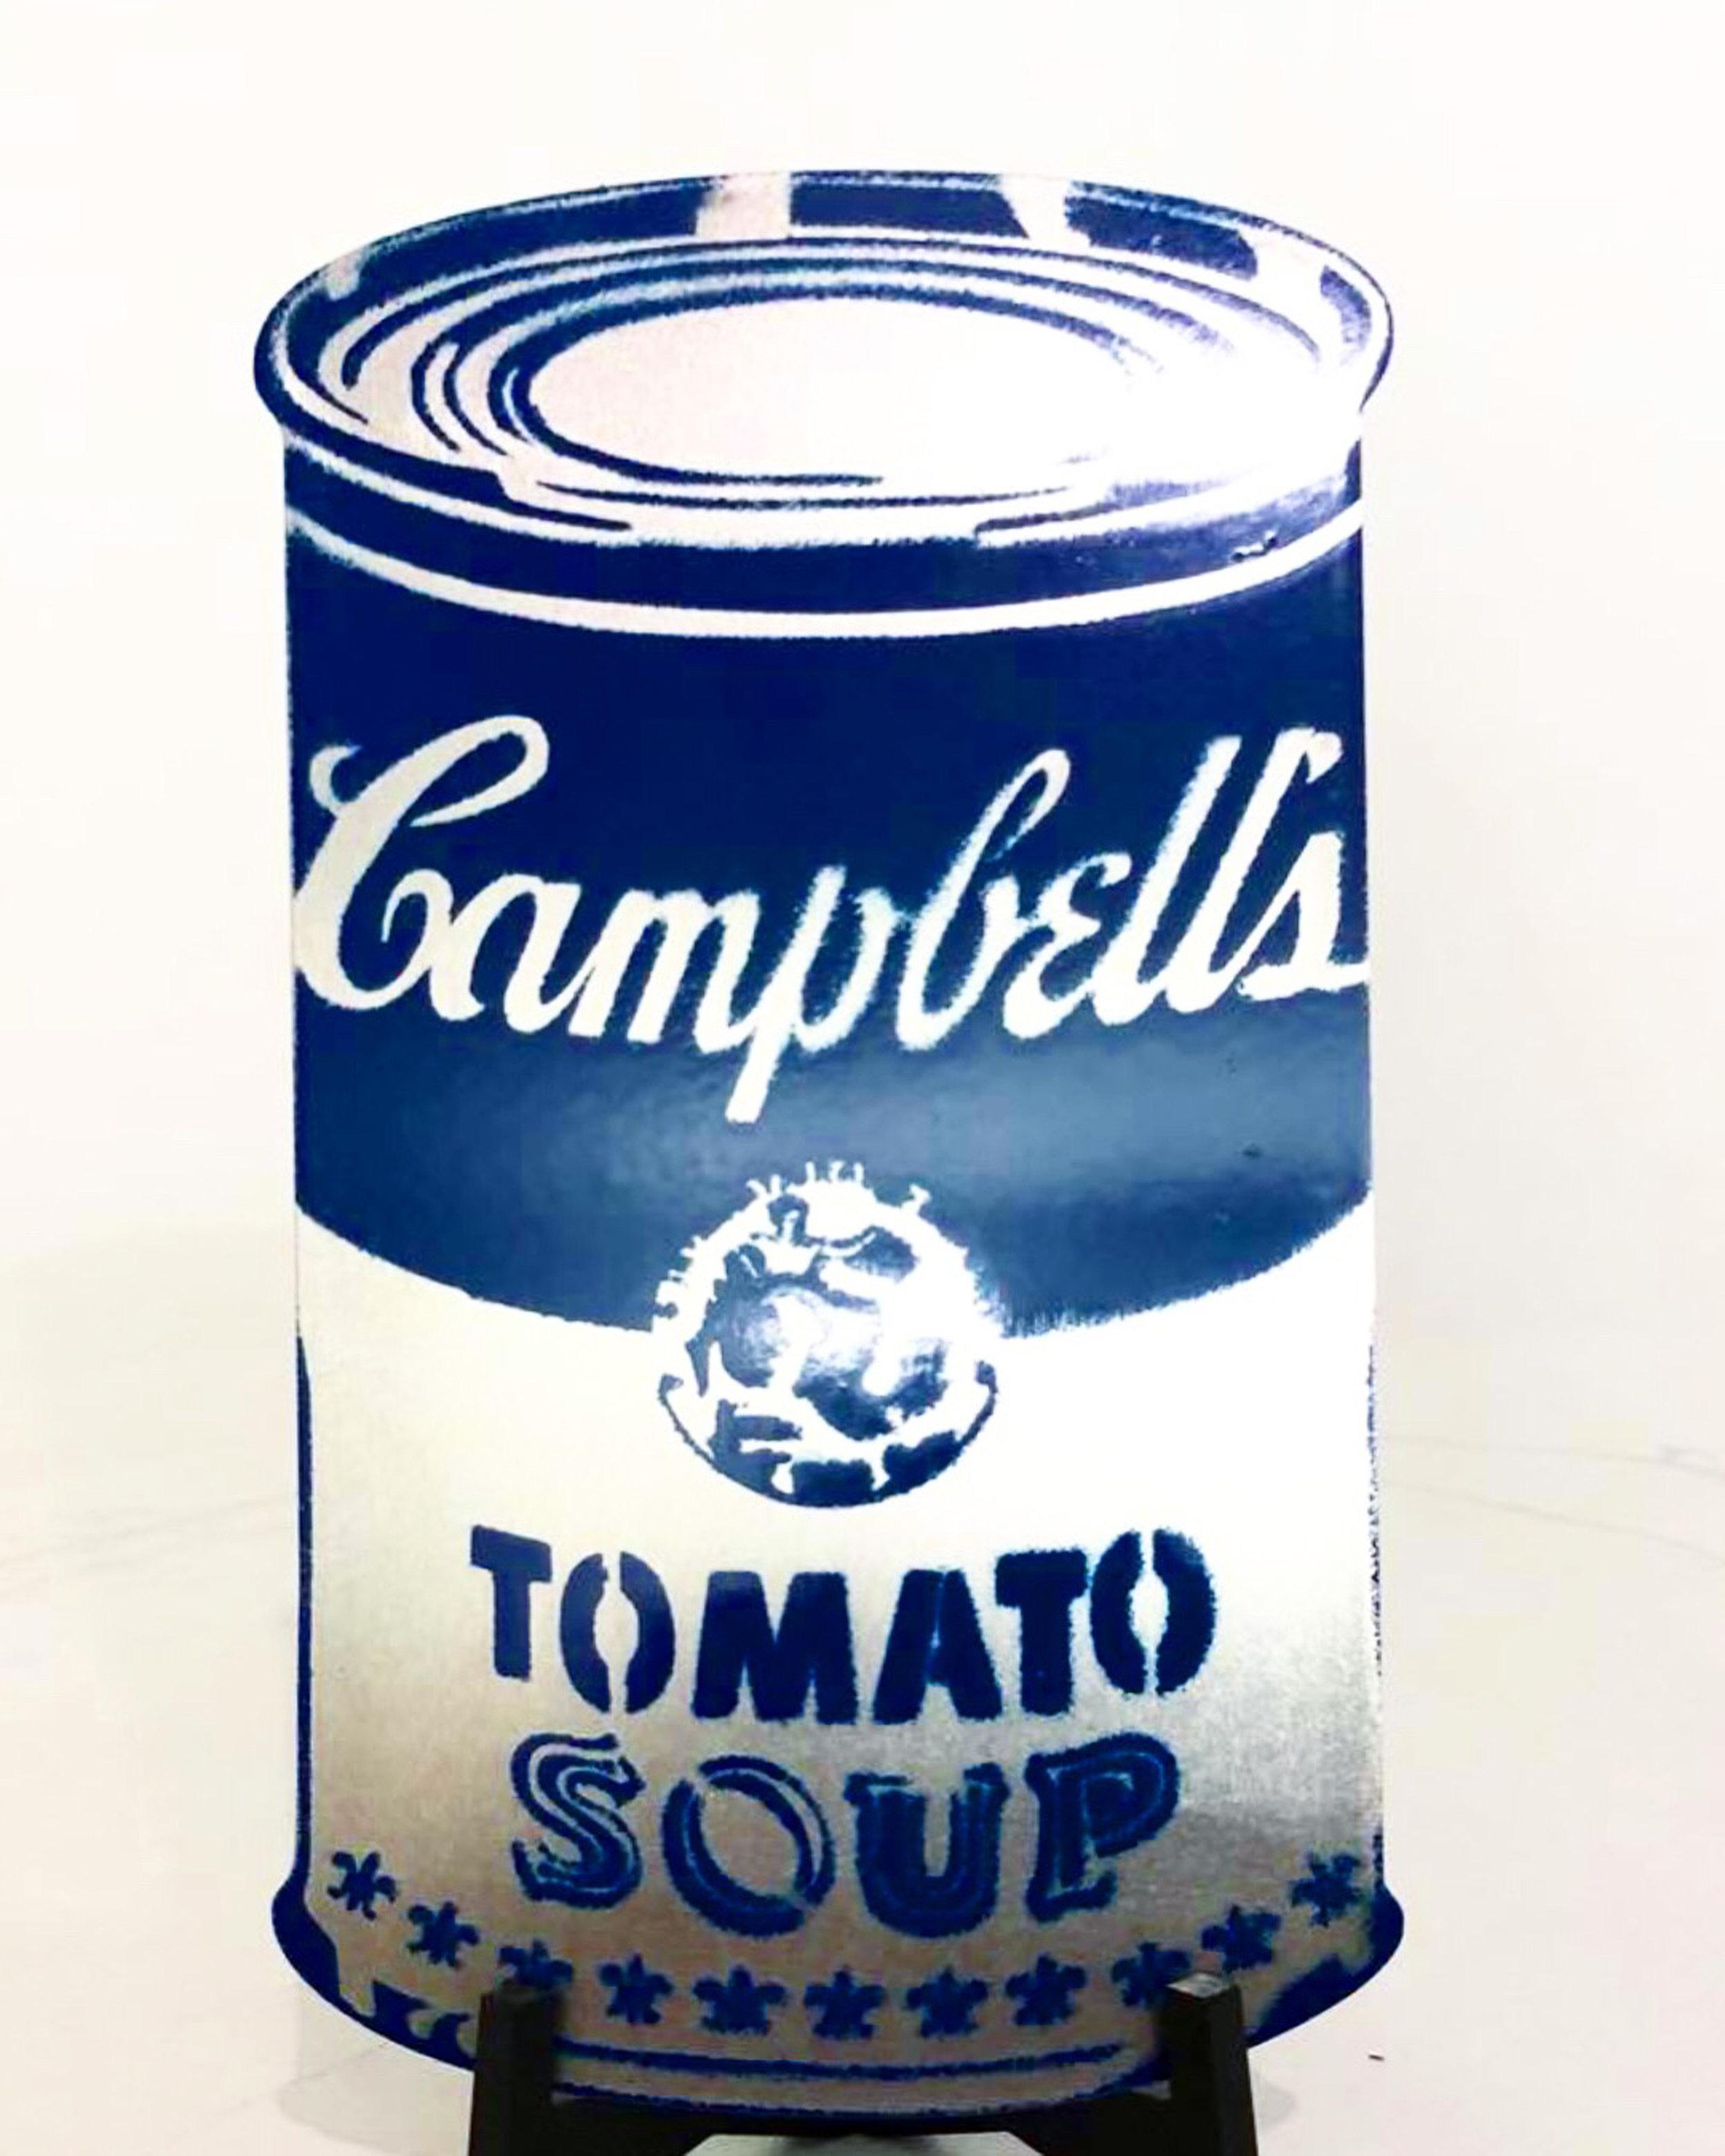 CampbellsInoxBLUE.jpg